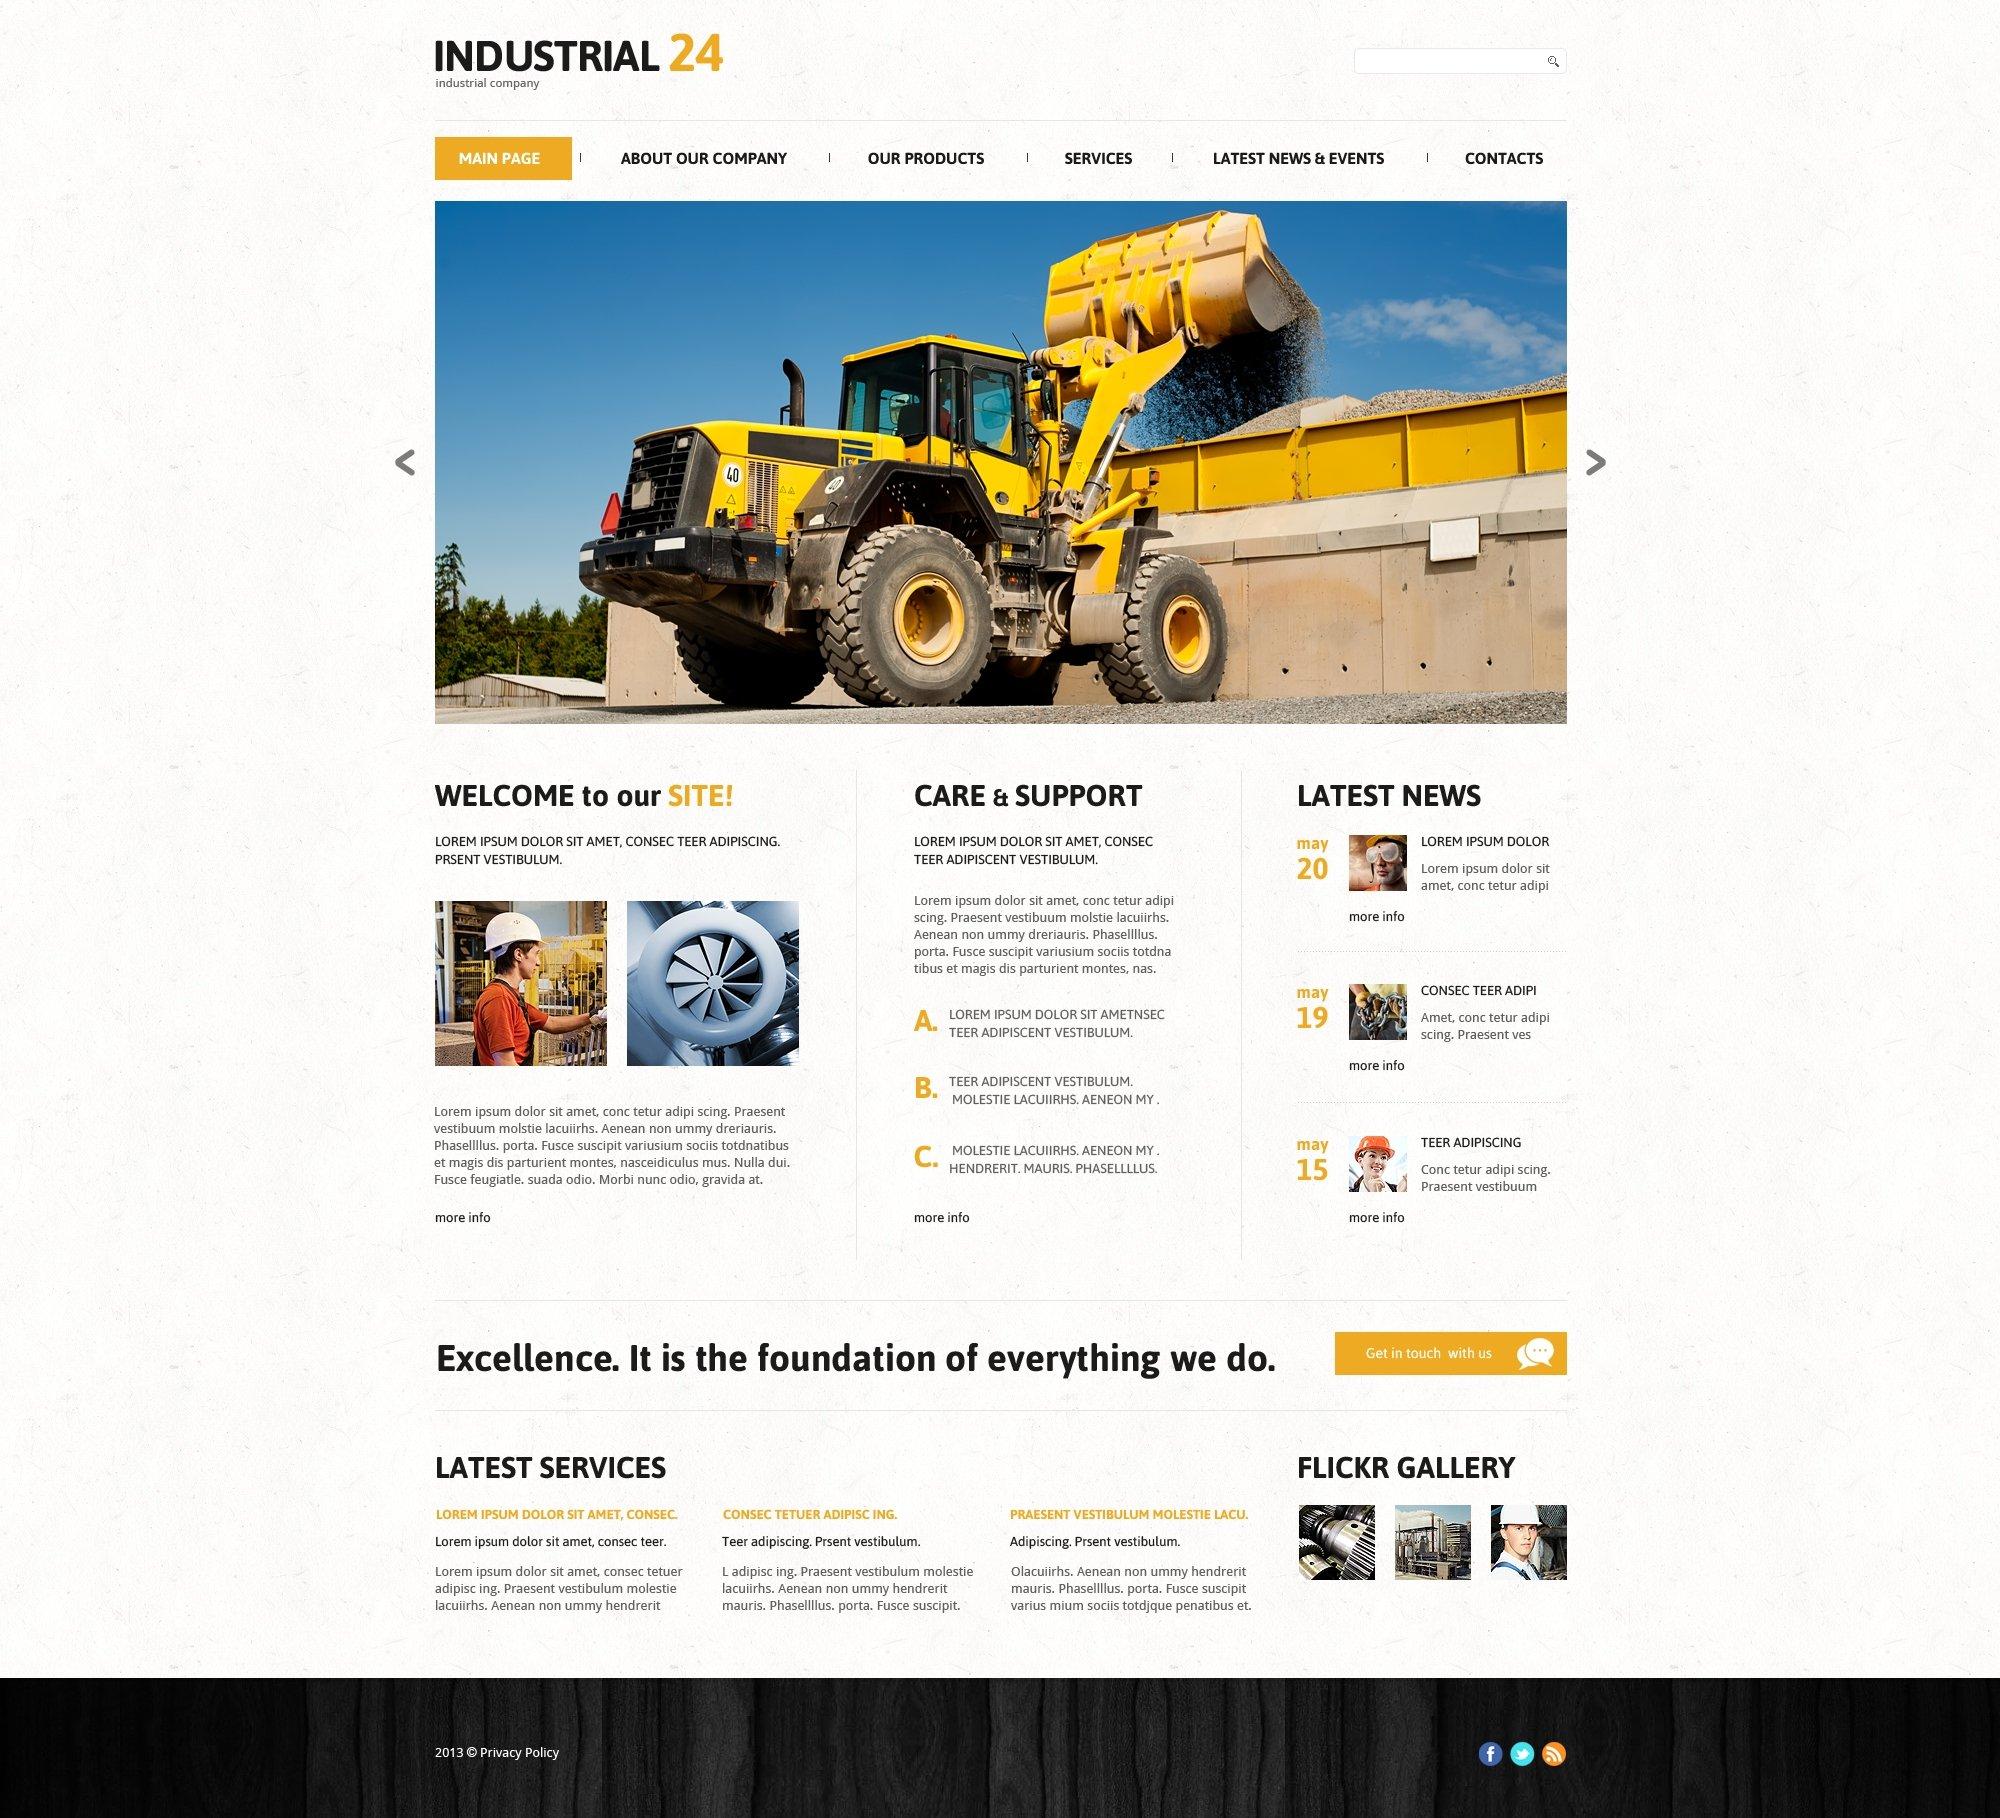 Thème WordPress adaptatif pour site industriel #47711 - screenshot